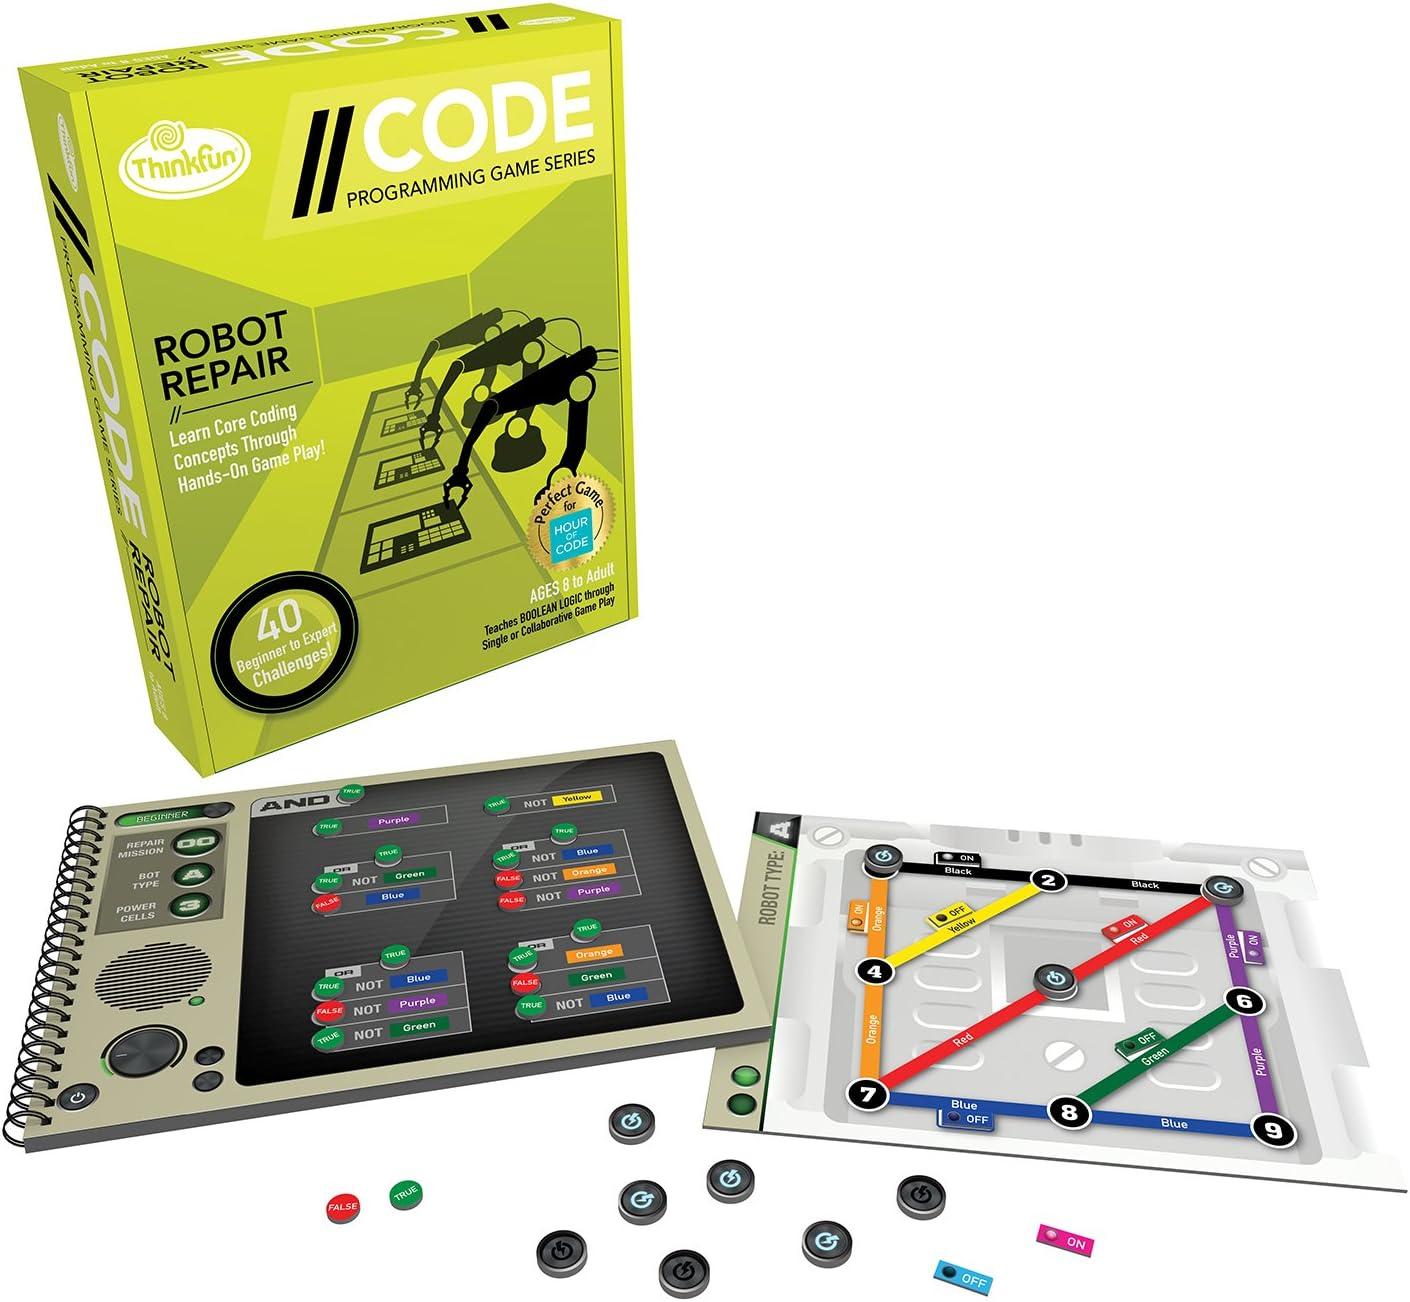 ThinkFun Robot Repair Coding Juego de Mesa y Juguete Stem para niños y niñas a Partir de 8 años: Amazon.es: Juguetes y juegos